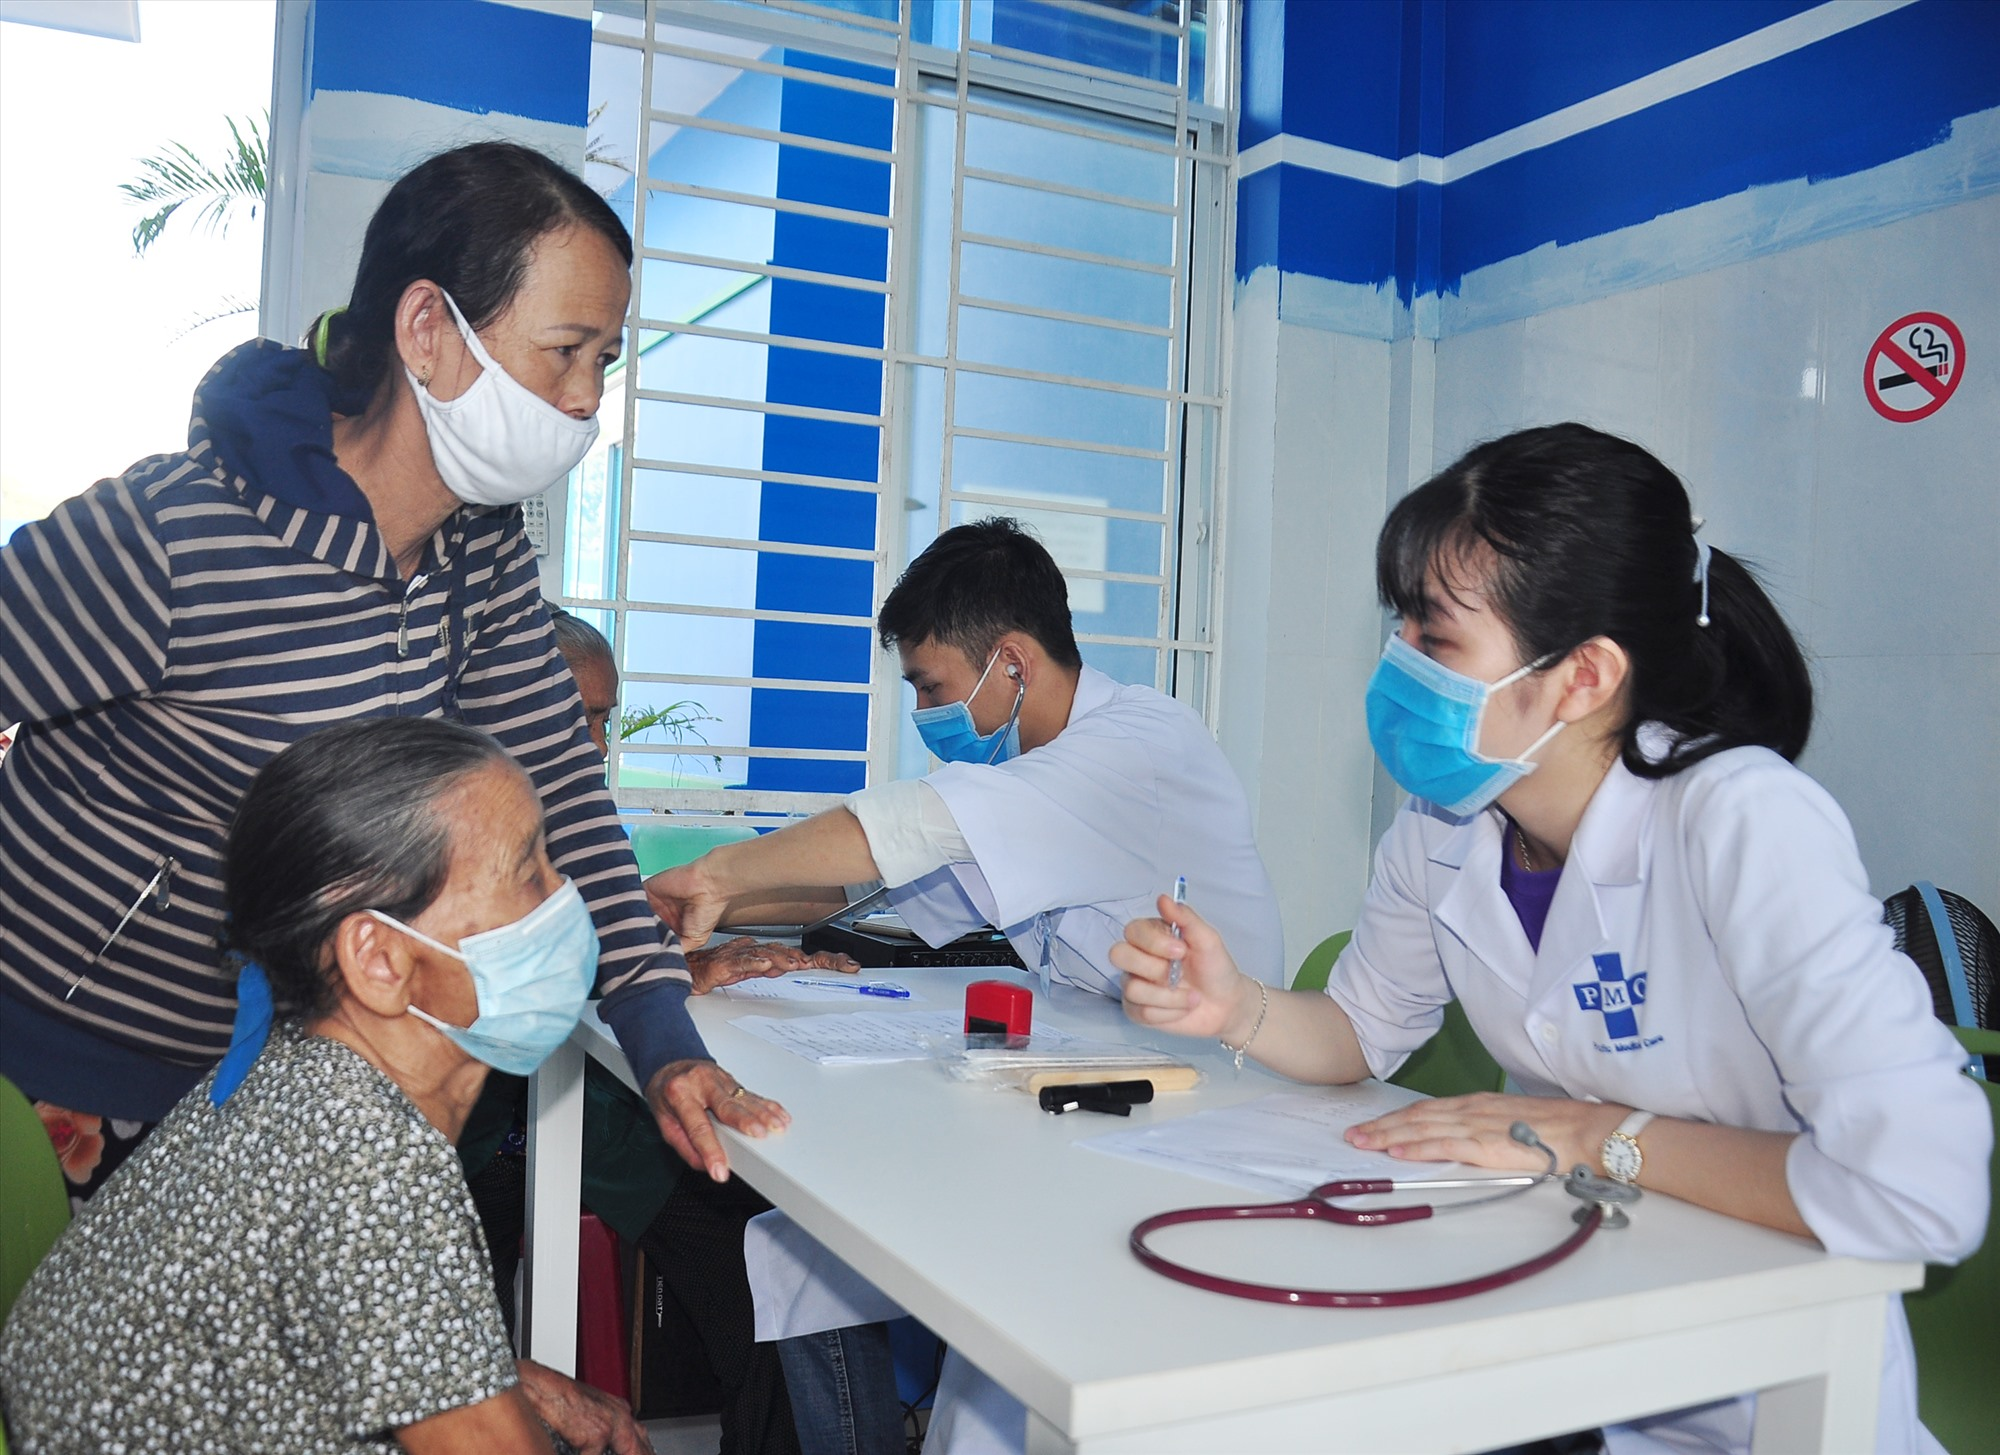 Các y, bác sĩ Bệnh viện Đa khoa Thái Bình Dương tận tình tư vấn, hướng dẫn người dân khi đến khám bệnh. Ảnh: VINH ANH